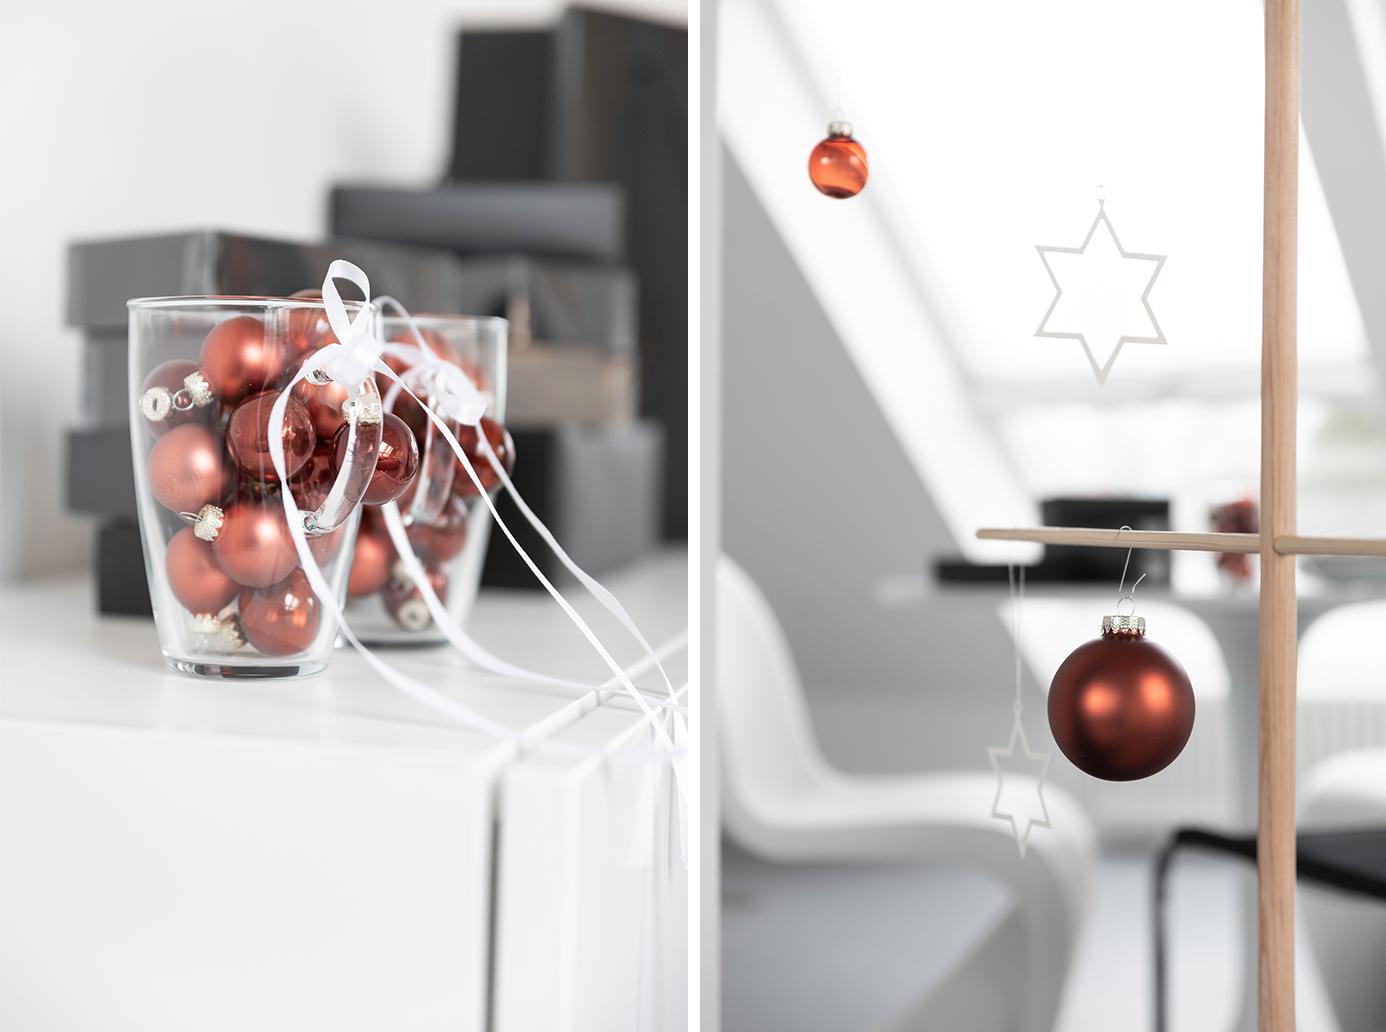 Weihnachtsschmuck für den stilisierten Weihnachtsbaum aus Holz